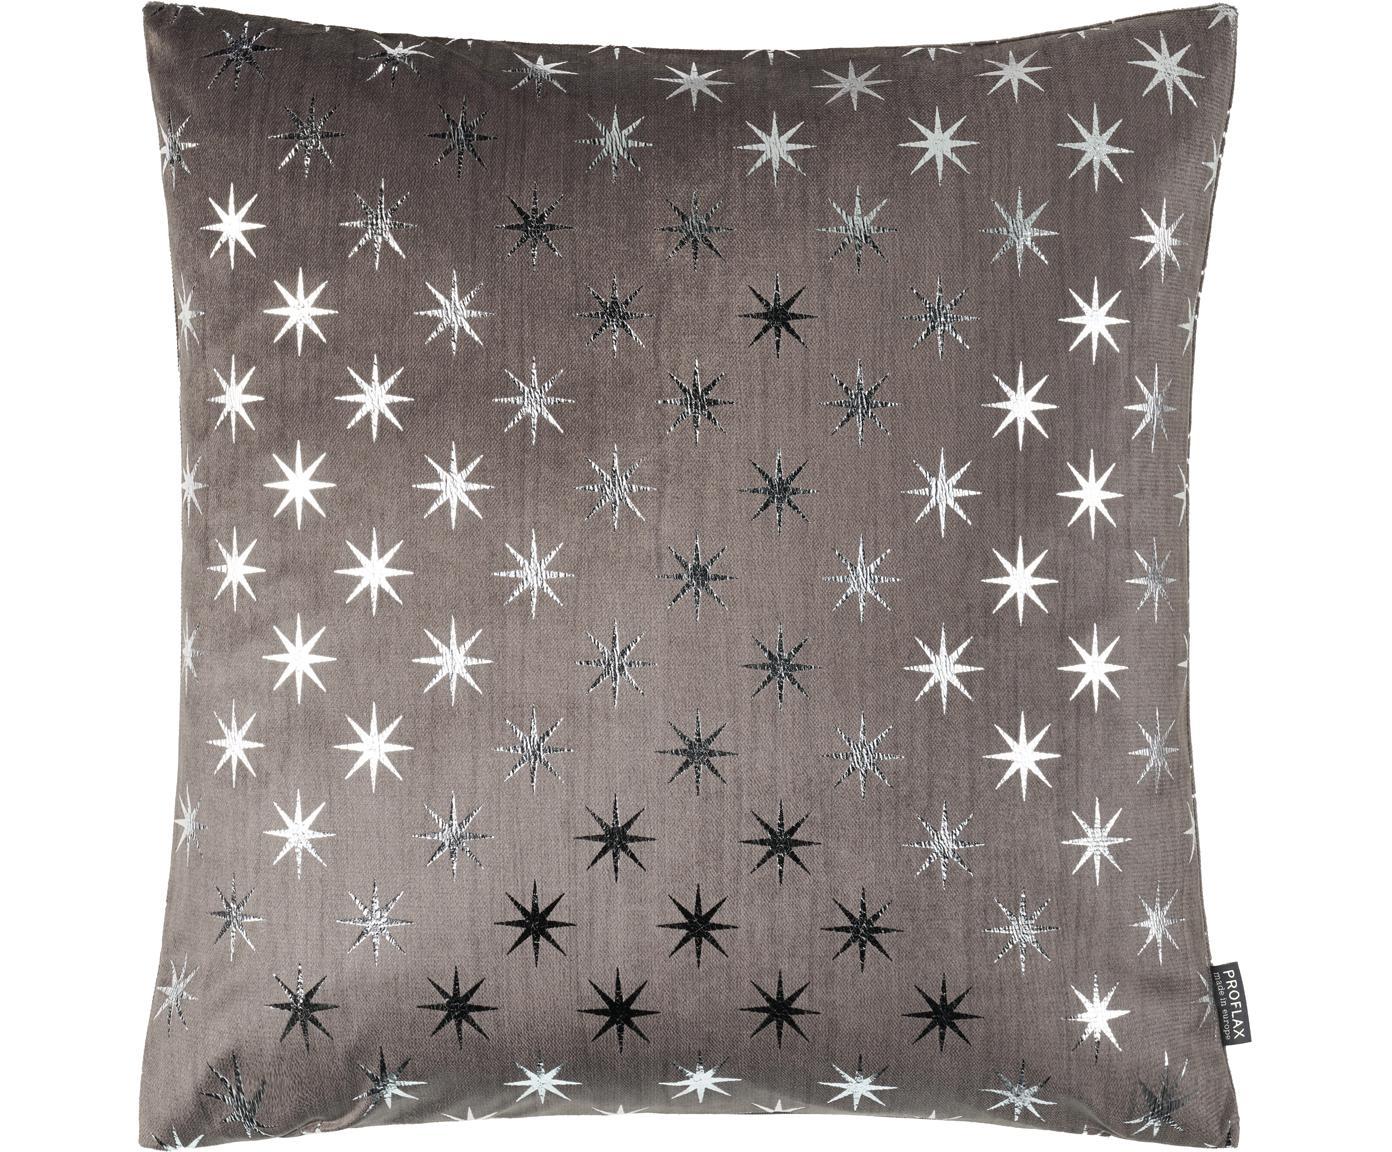 Kussenhoes Cosmos met zilveren sterren, Polyester, Grijs, zilverkleurig, 40 x 40 cm